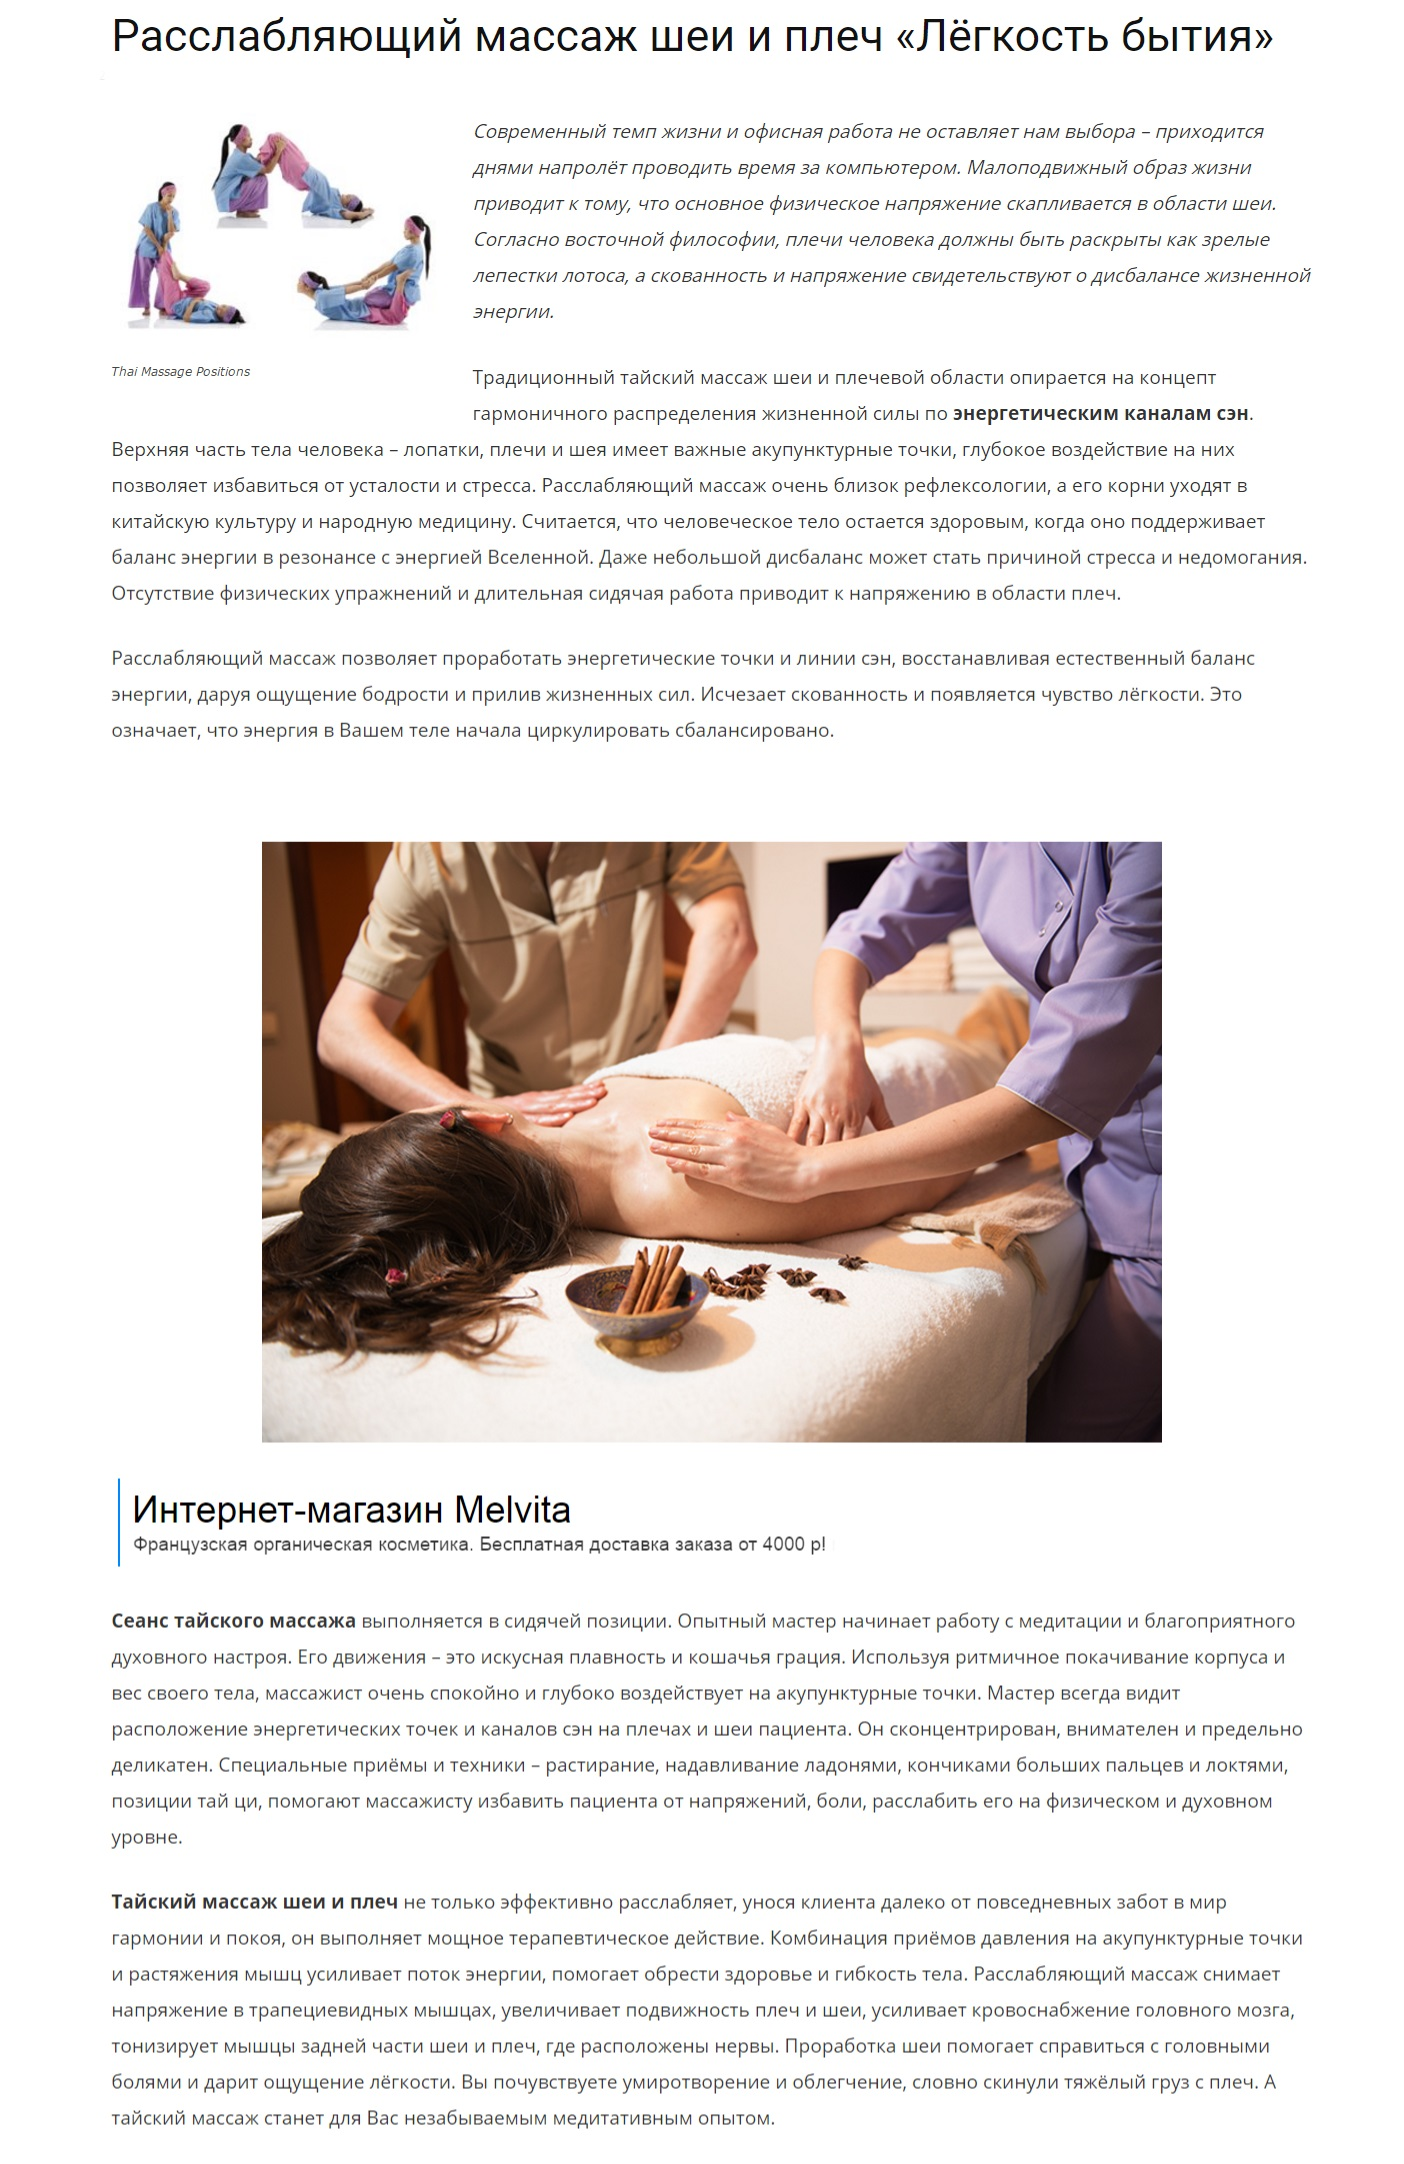 Тайский массаж шеи и плеч «Лёгкость бытия»